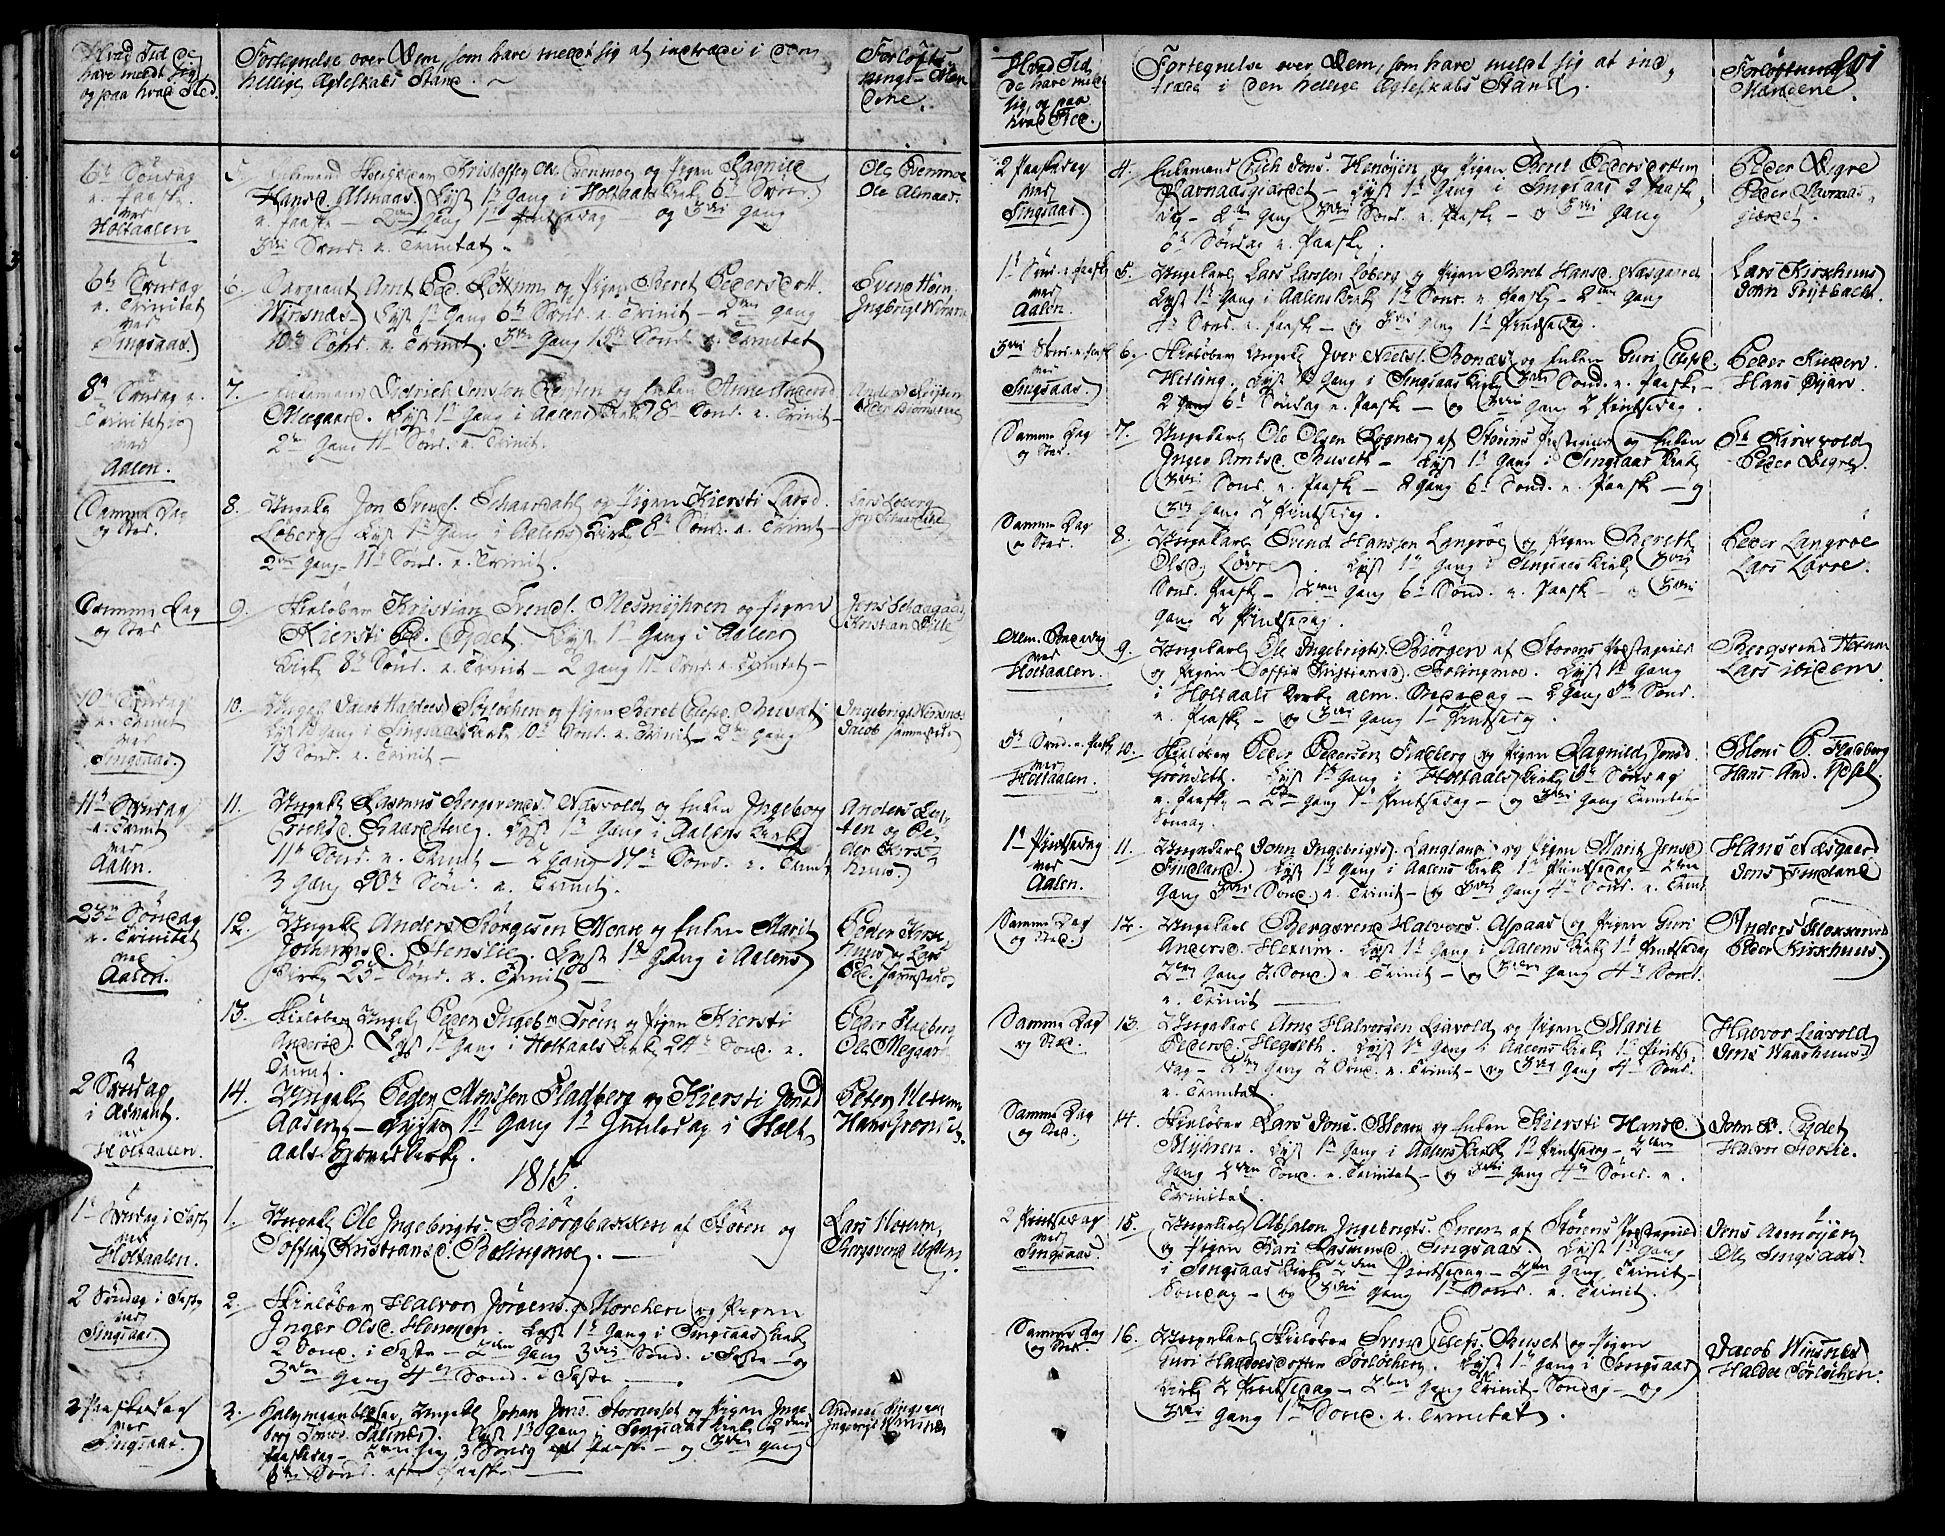 SAT, Ministerialprotokoller, klokkerbøker og fødselsregistre - Sør-Trøndelag, 685/L0953: Ministerialbok nr. 685A02, 1805-1816, s. 201